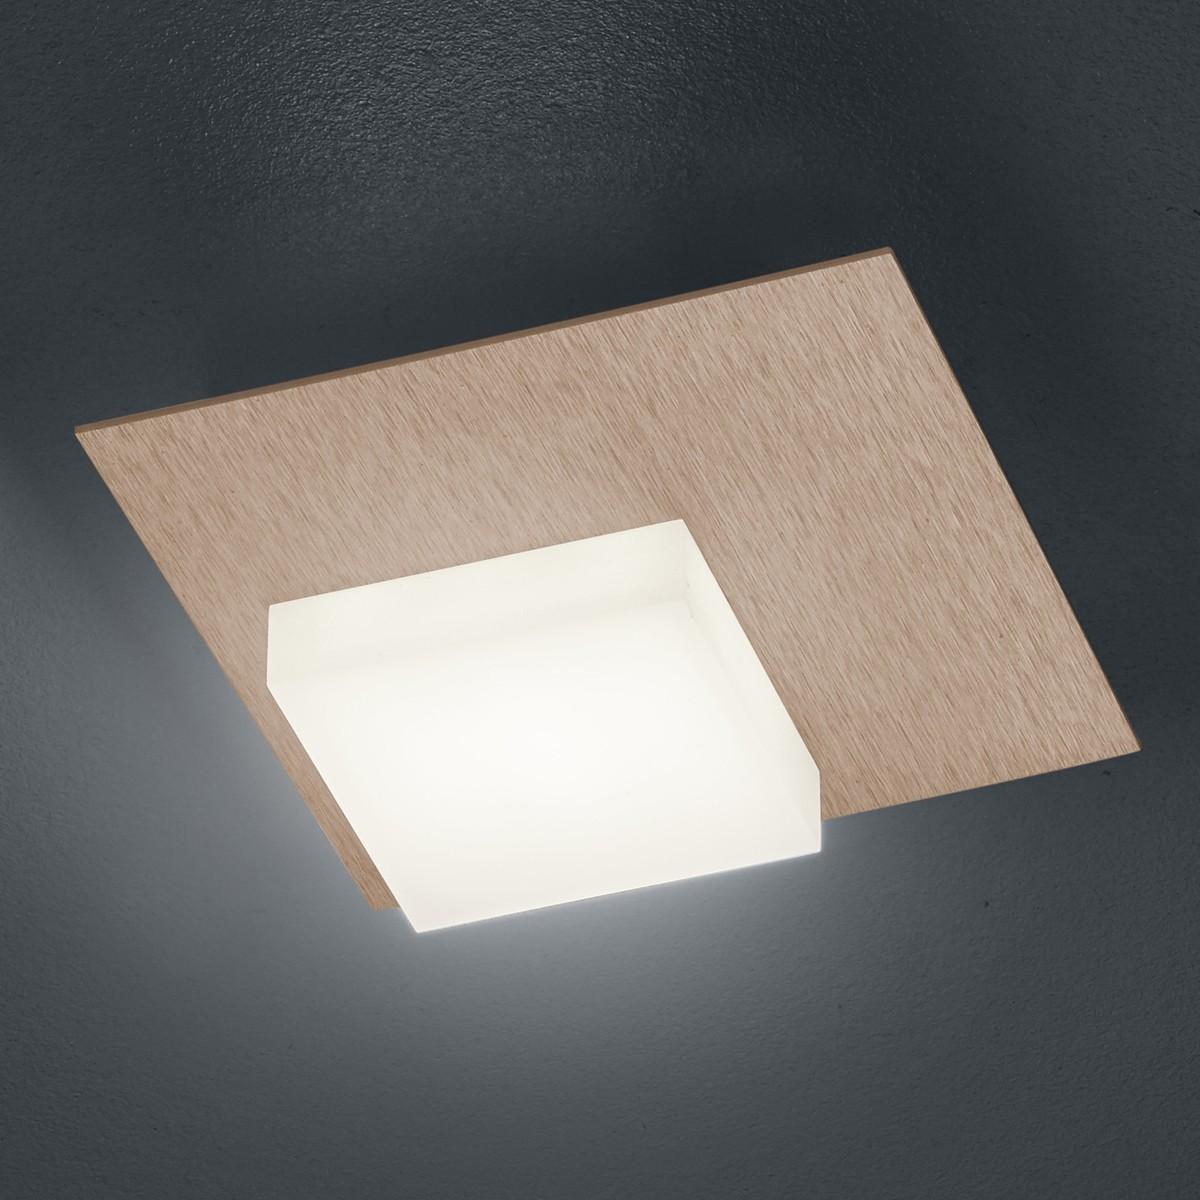 Bankamp Cube Wand- / Deckenleuchte, Roségold eloxiert